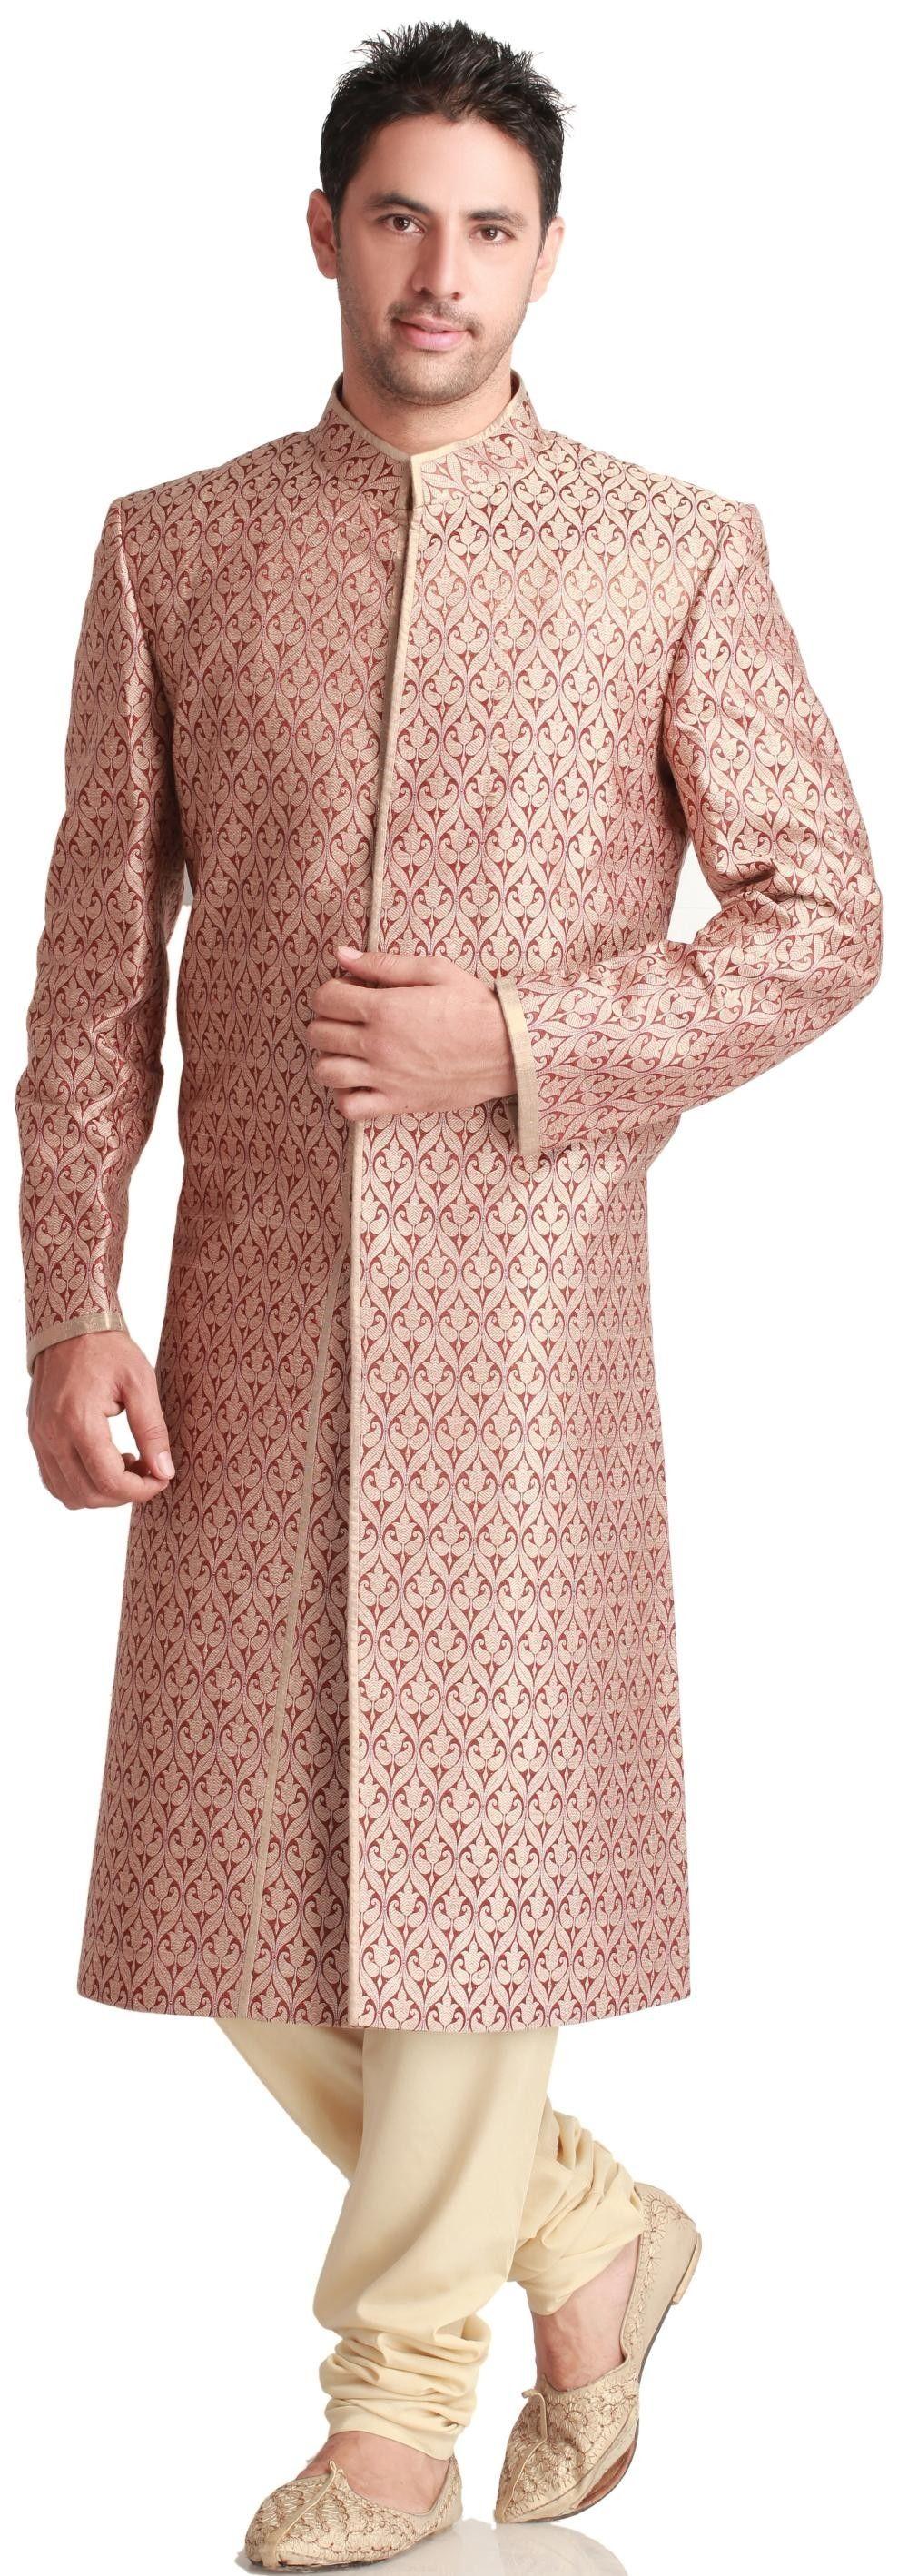 Red and Gold wedding sherwani | Indian Looks - Men | Pinterest ...